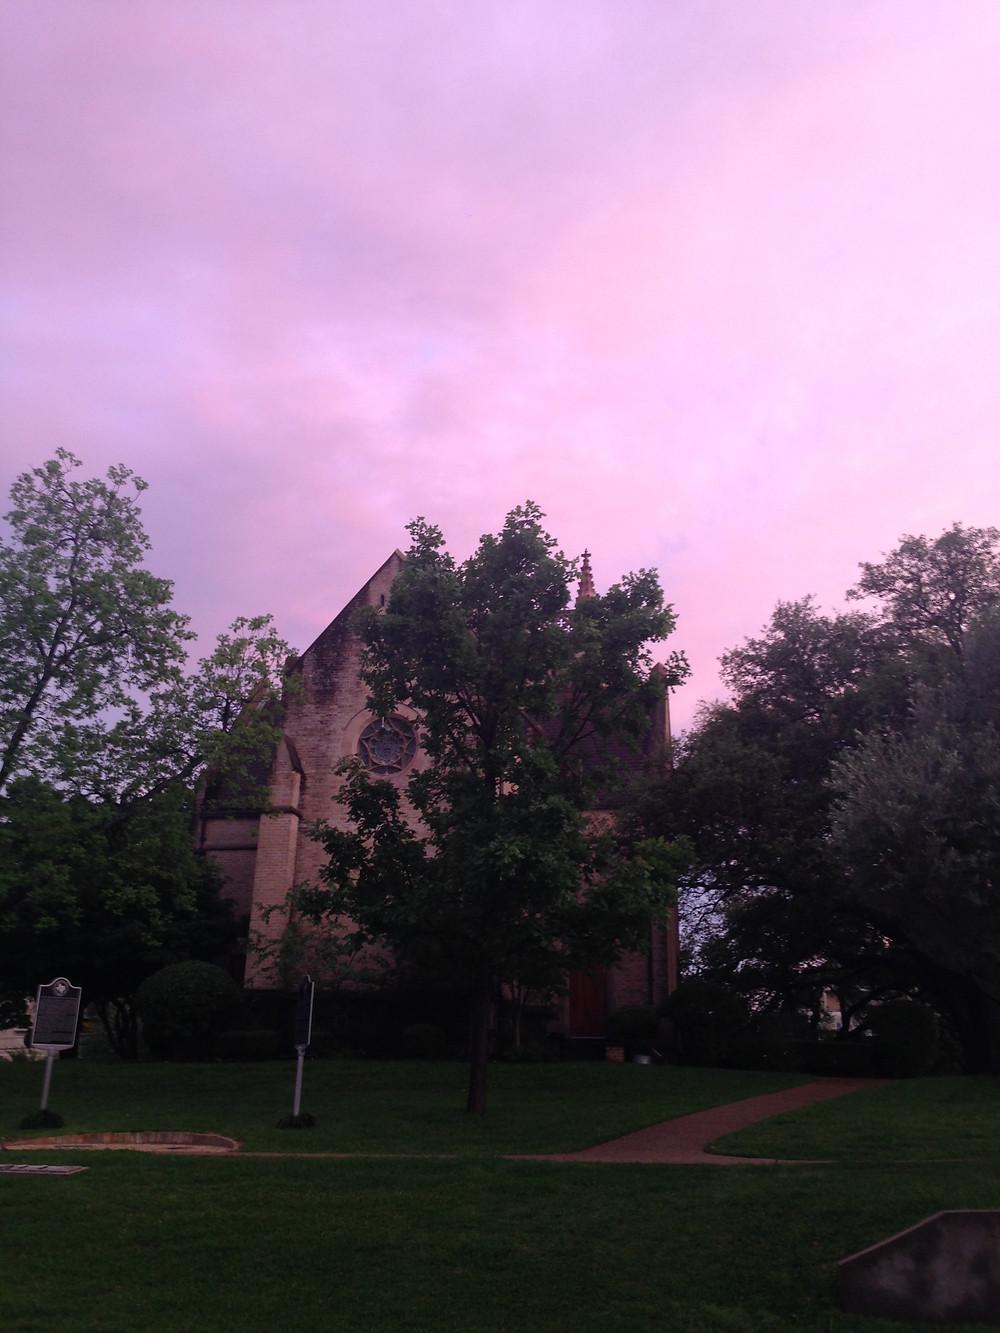 Austin Presbyterian Seminary